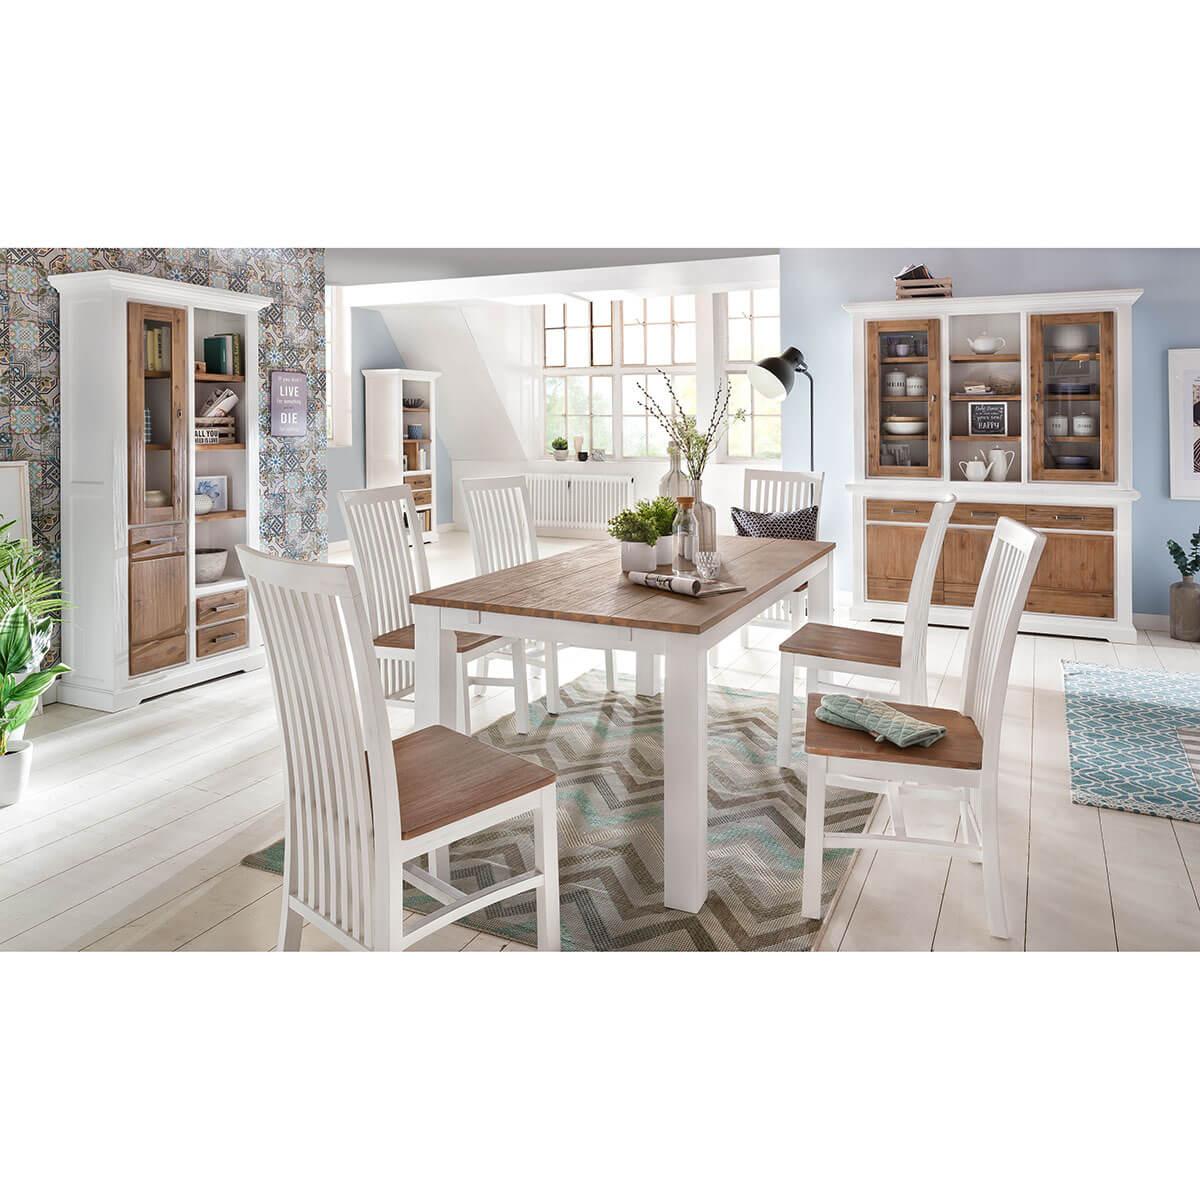 couchtisch 65x65 cm lale in akazie wei braun. Black Bedroom Furniture Sets. Home Design Ideas